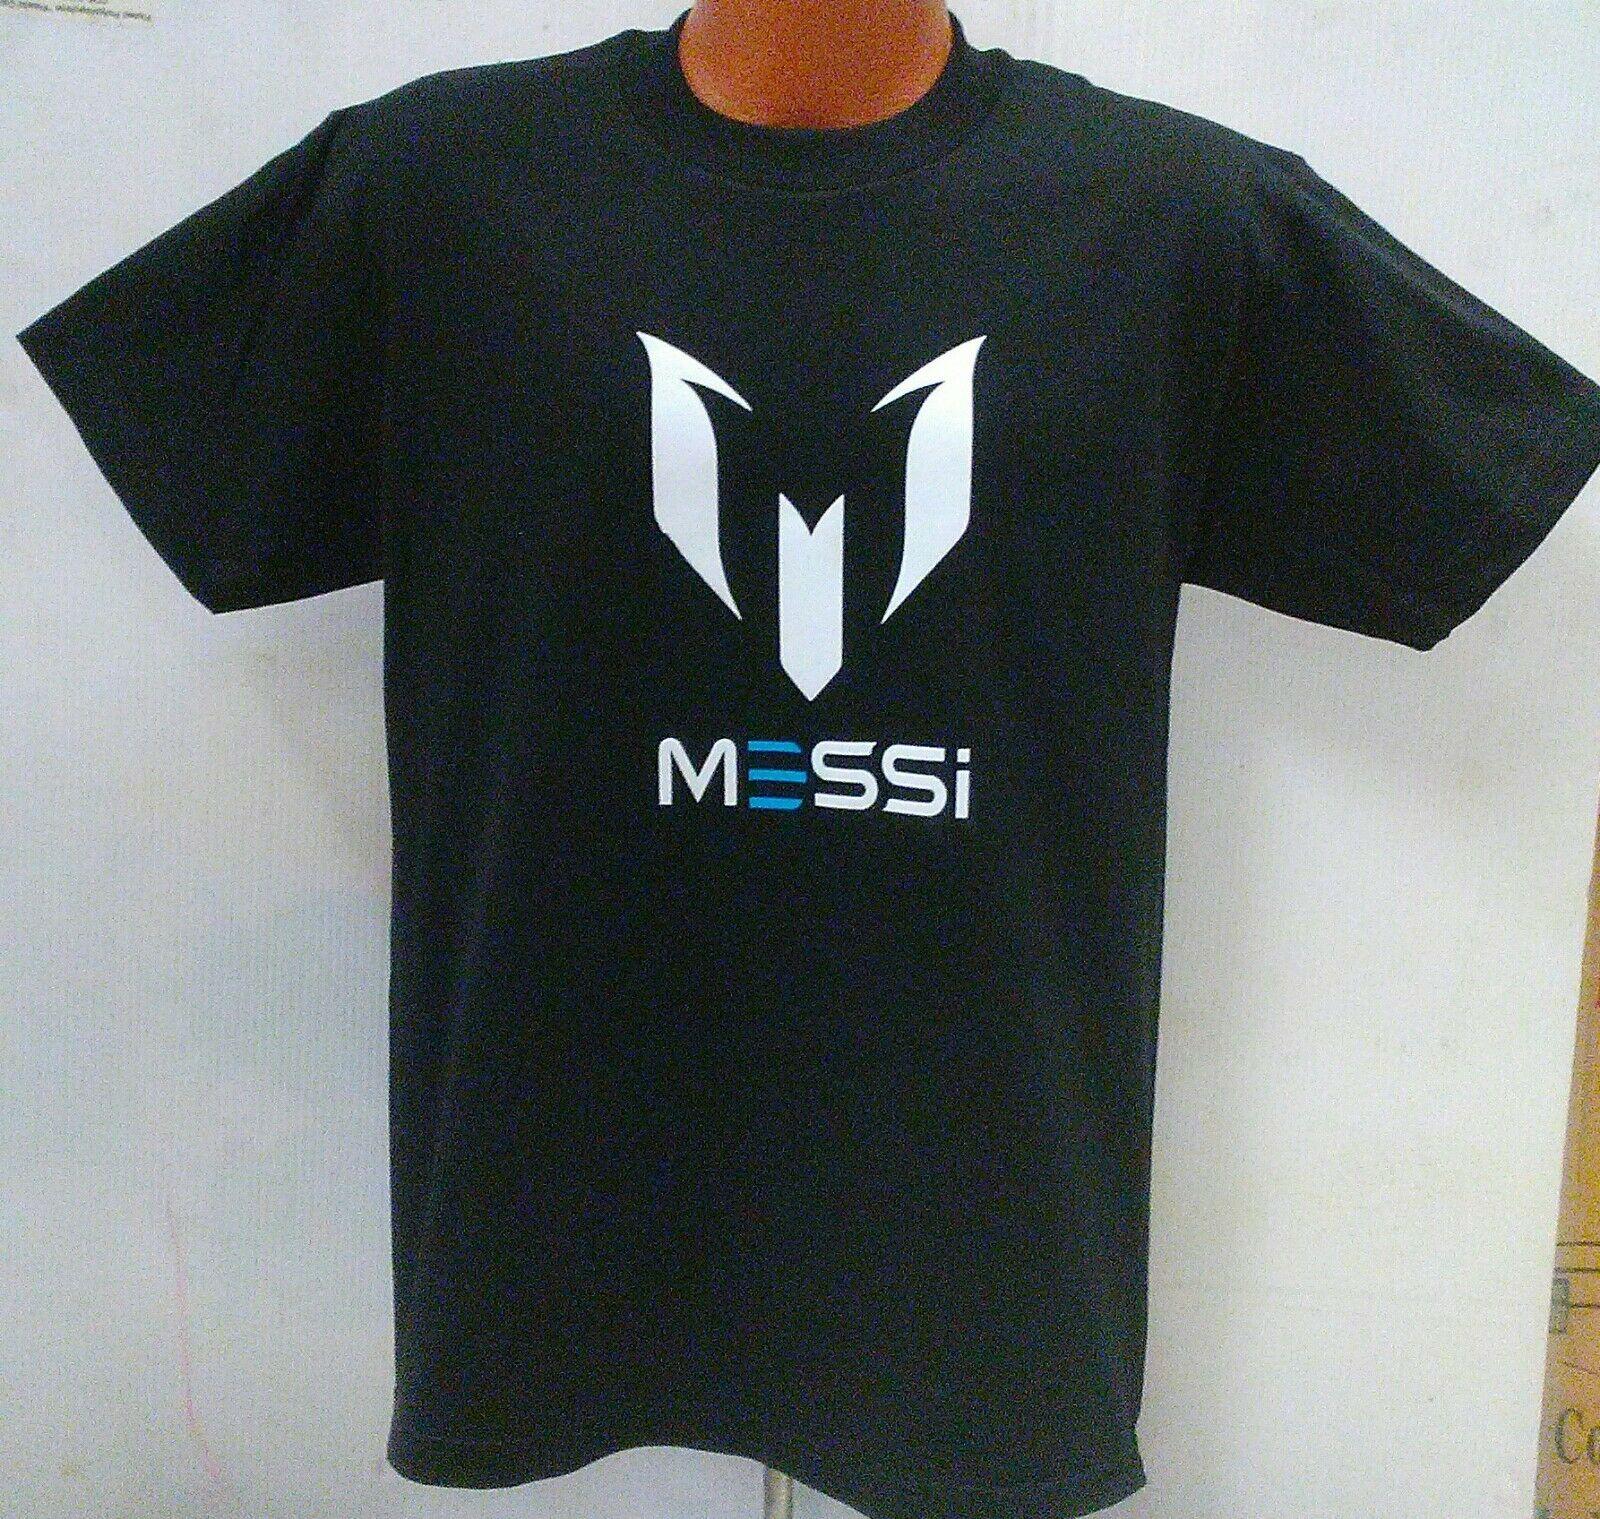 e1c8139f Lionel Messi fútbol camiseta de negro adulto Unisex Argentina